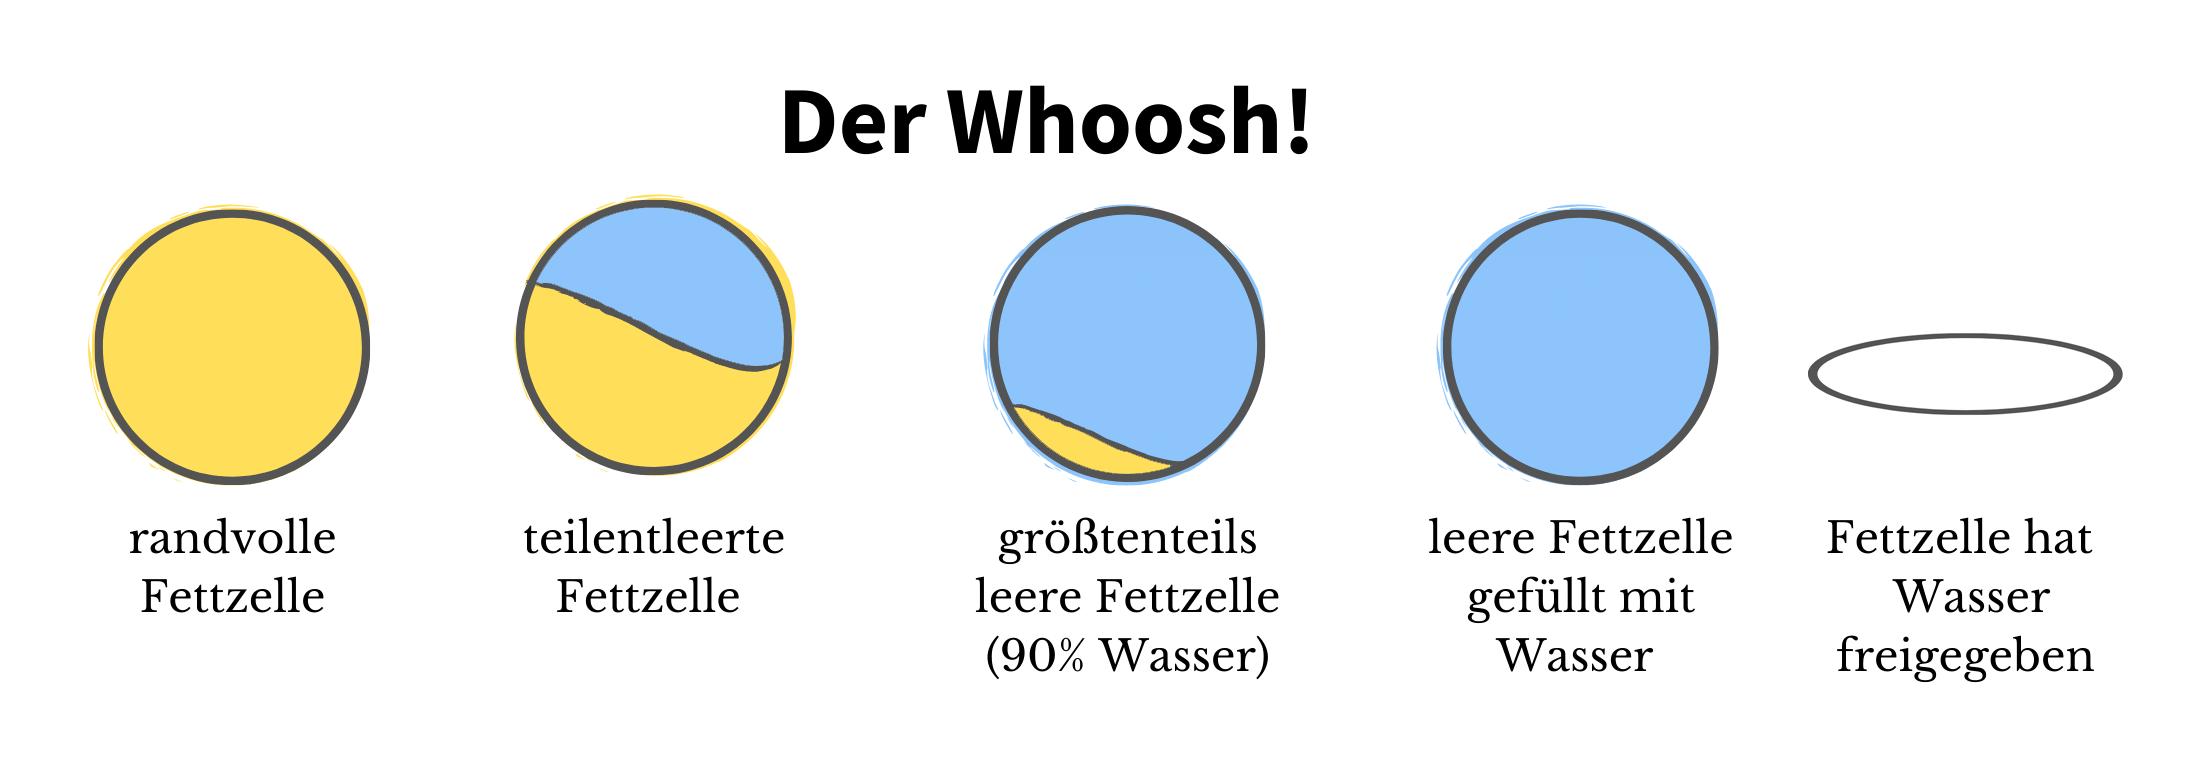 Der Whoosh-Effekt